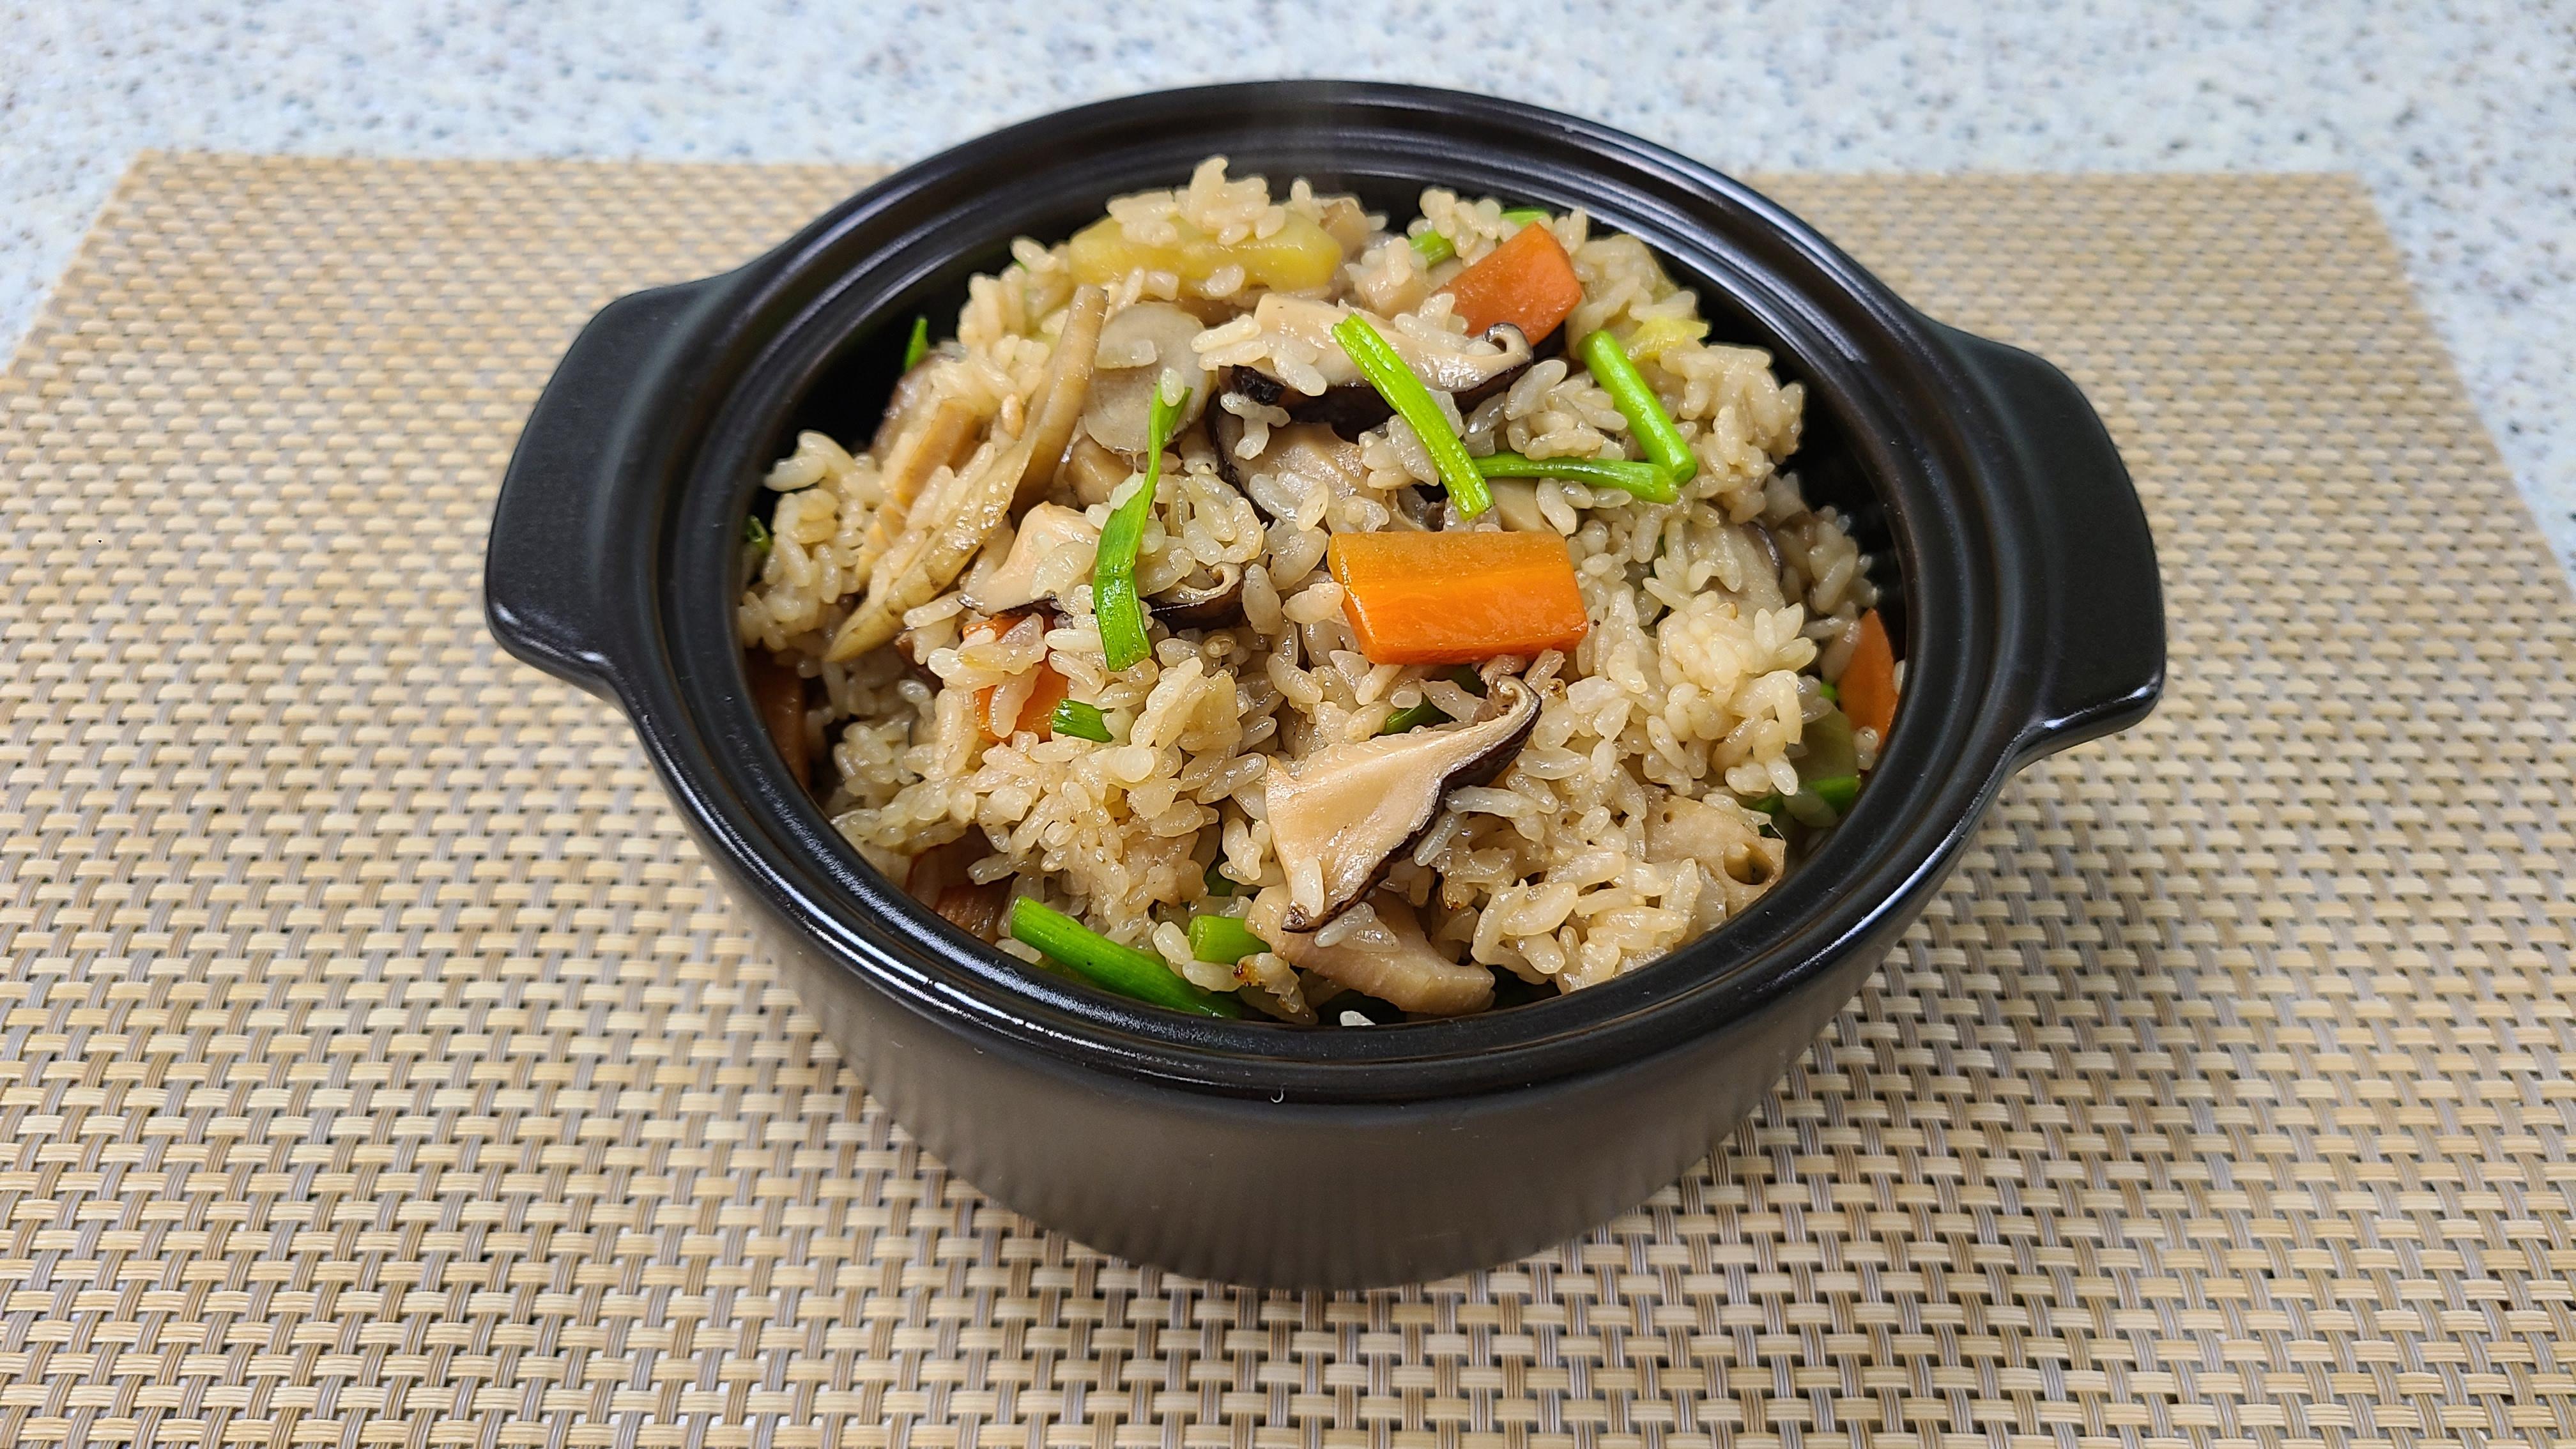 [온라인 특강] 면역력UP! 제철음식 #2 - 뿌리채소 영양밥